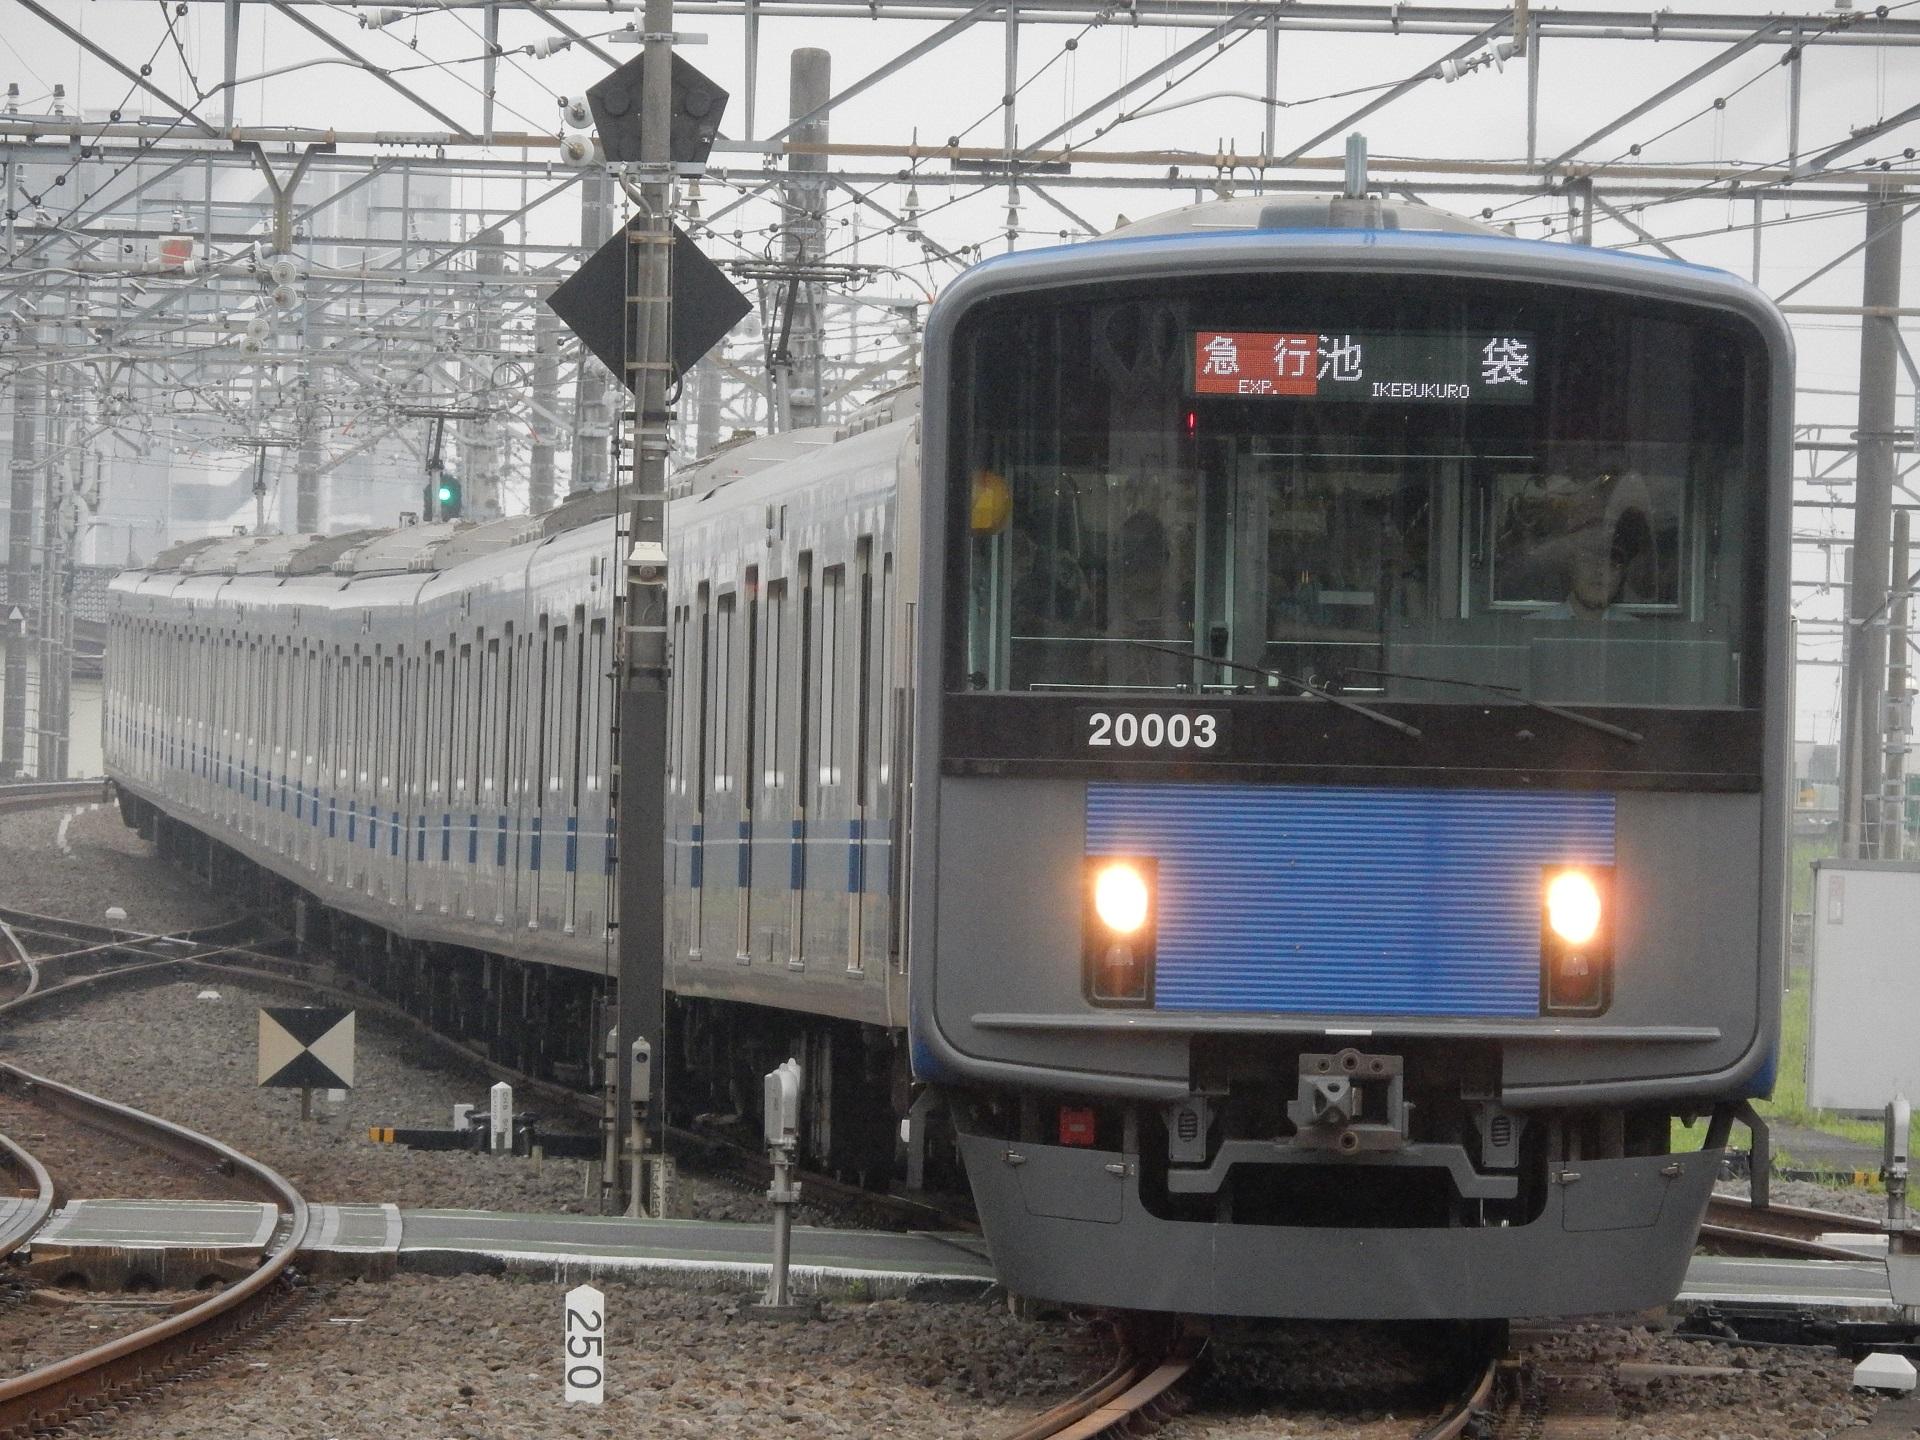 DSCN1331 - コピー